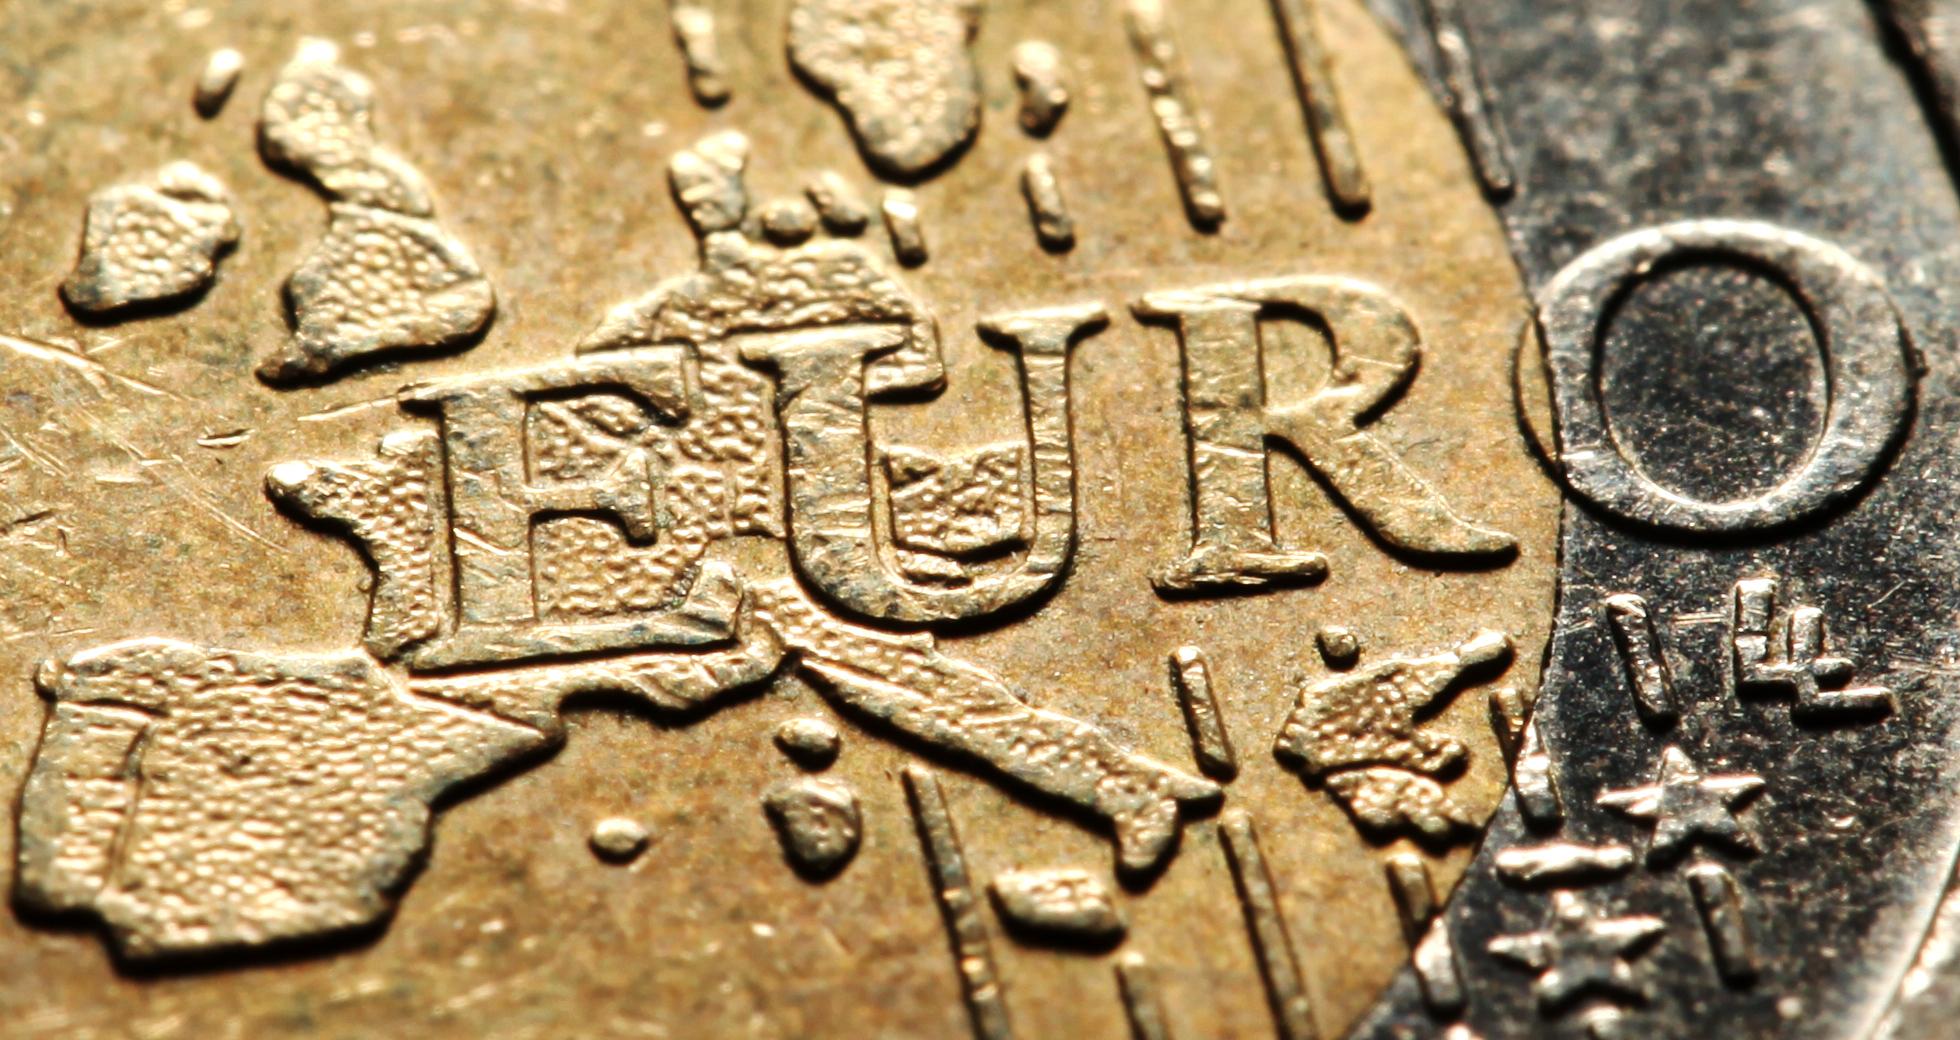 Hier die 2-Euro-Münze, wie man sie kennt. Zum 50. Jahrestag der ersten